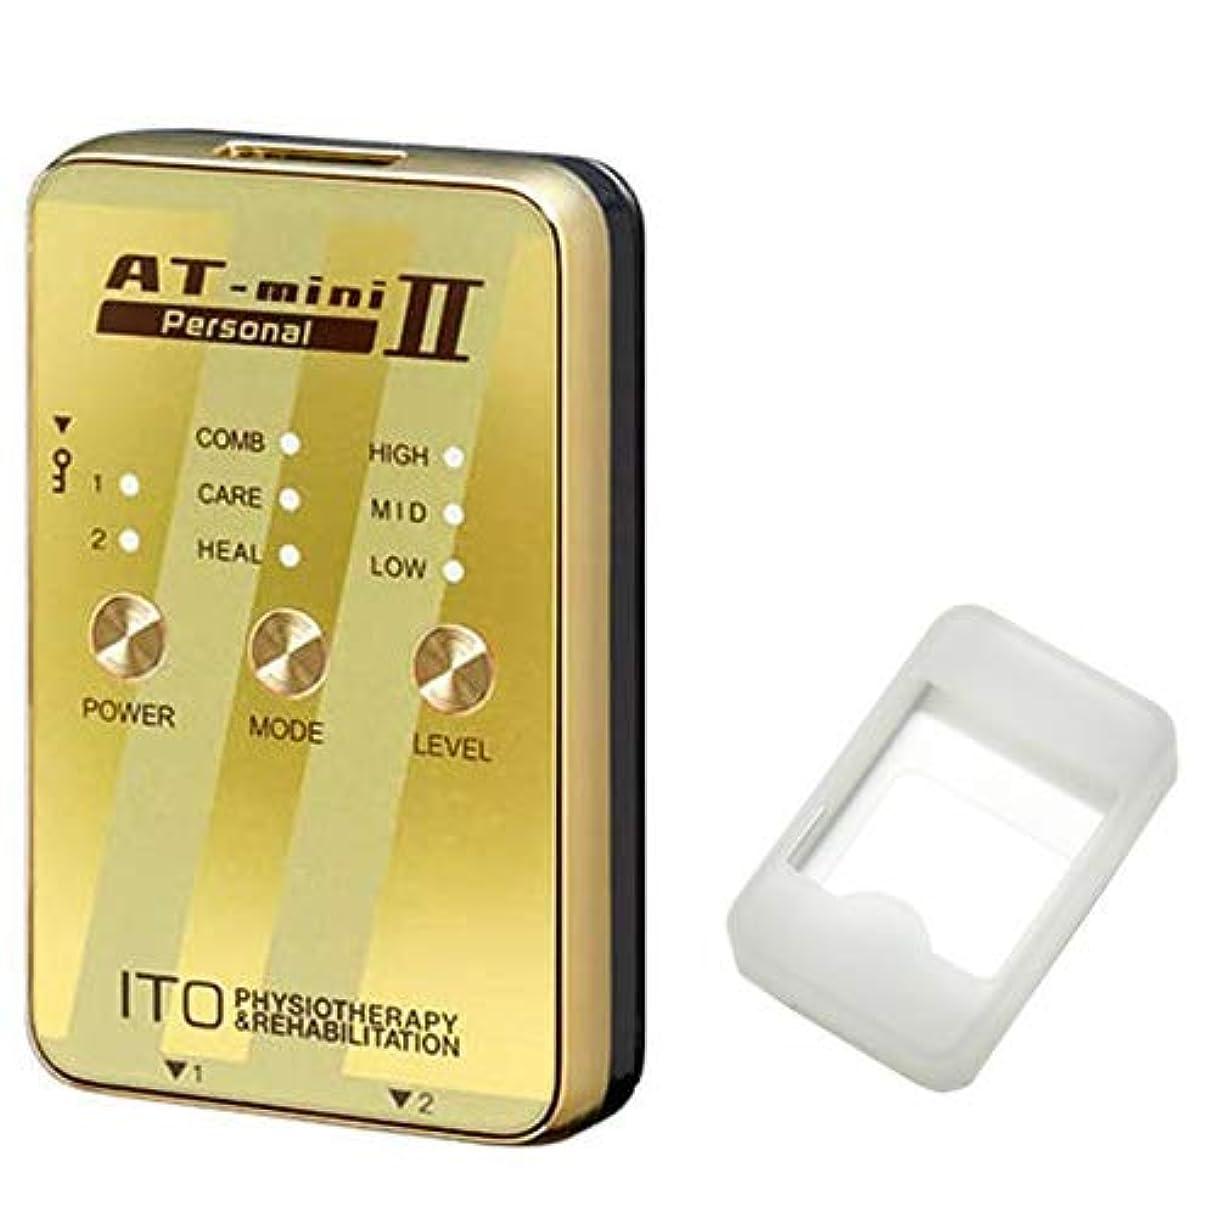 マウスピース処方する急性低周波治療器 AT-mini personal II ゴールド (ATミニパーソナル2) + シリコン保護ケース